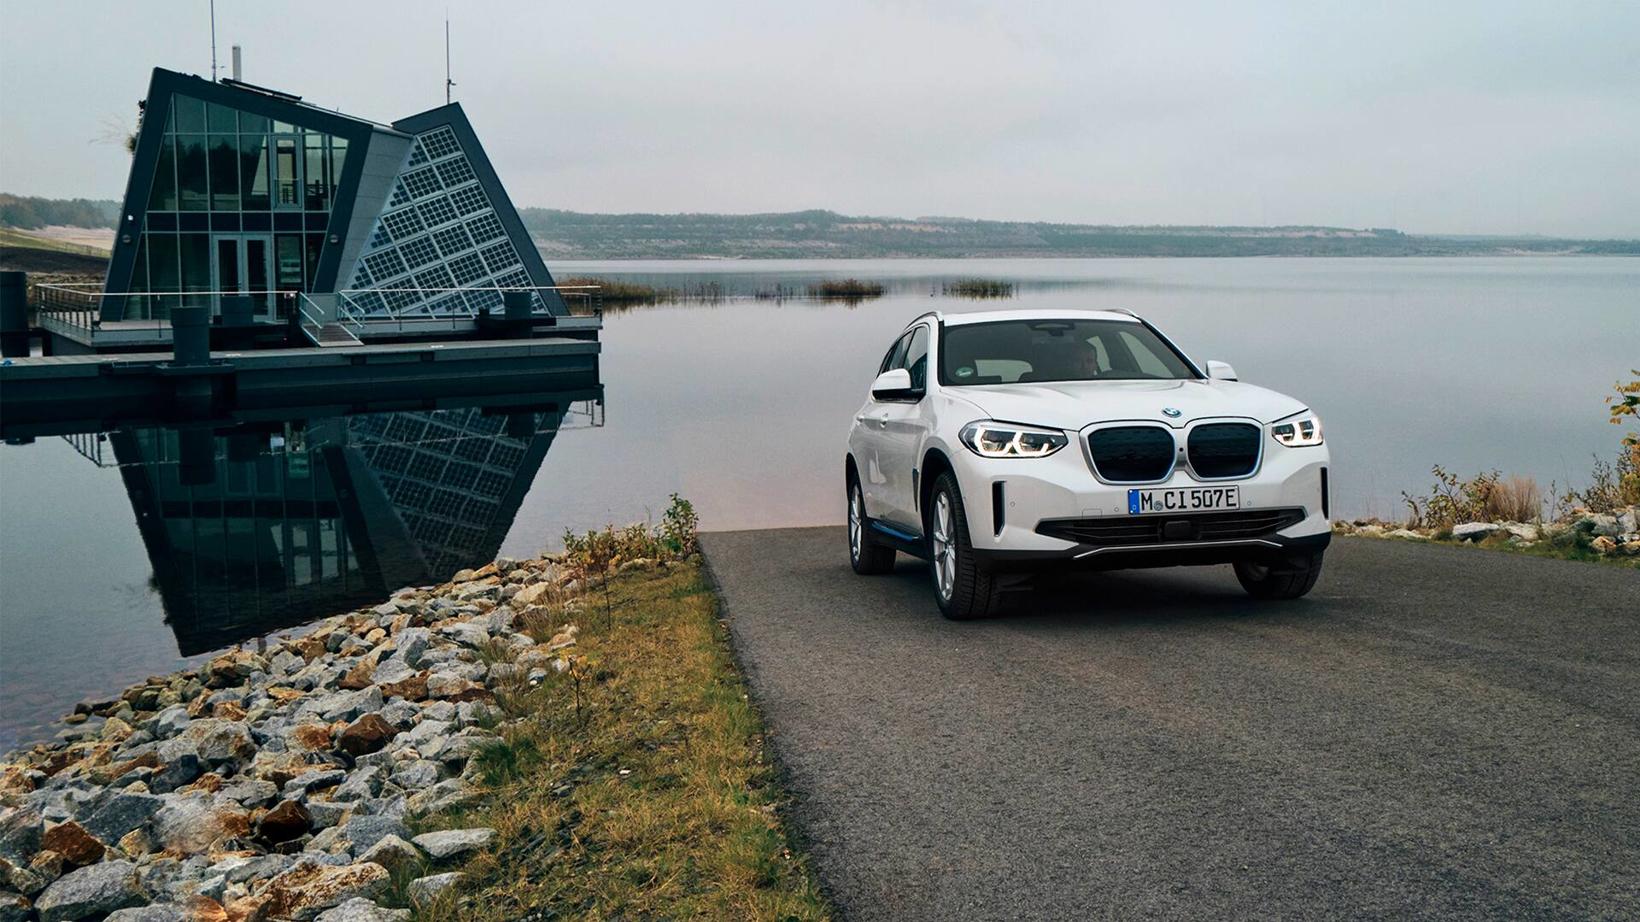 德国6月份新车登记量增加 纯电动汽车销量大涨312%